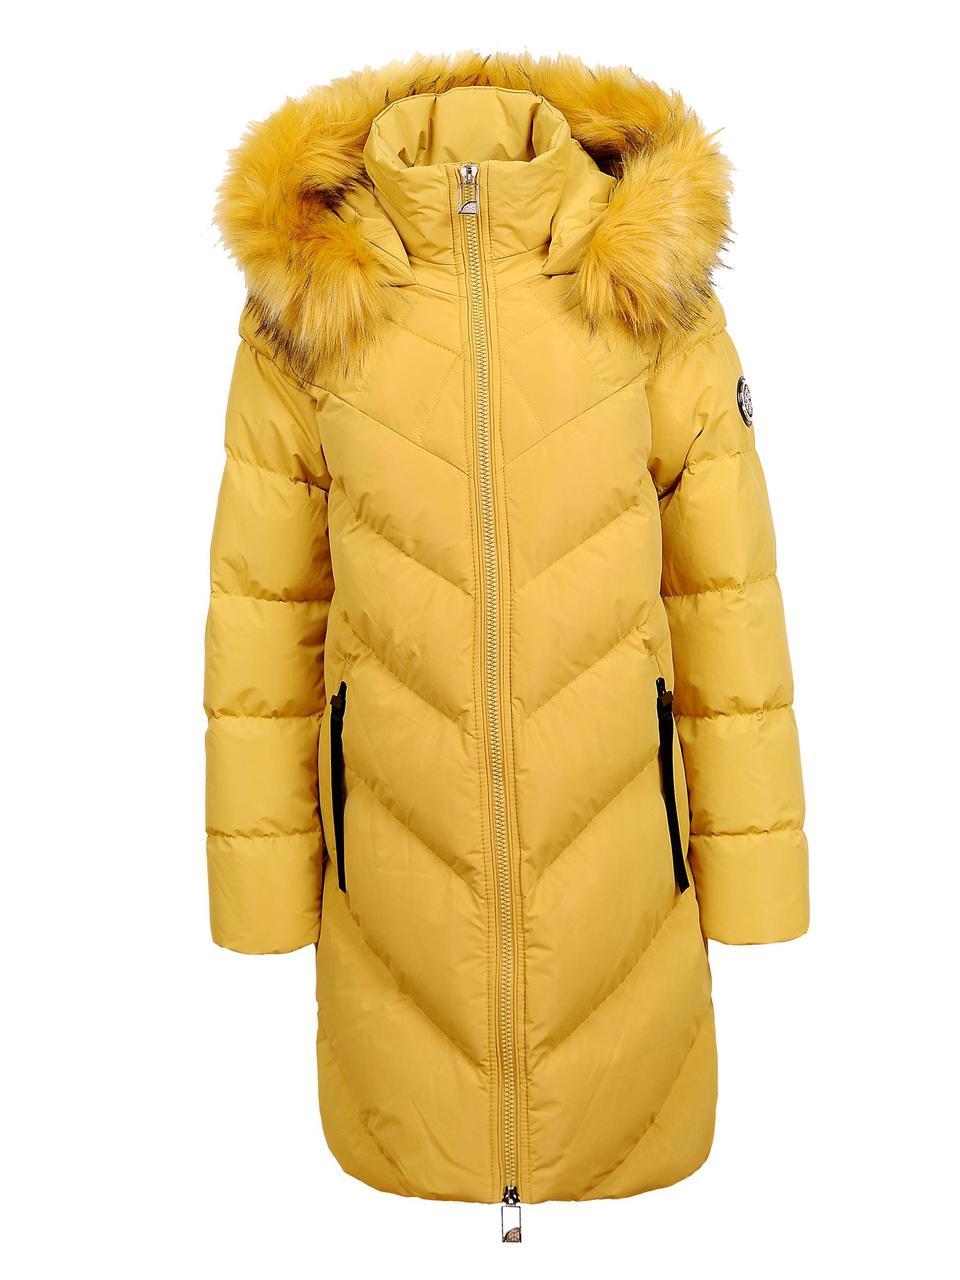 Женская удлиненная зимняя куртка, Glo-story Венгрия